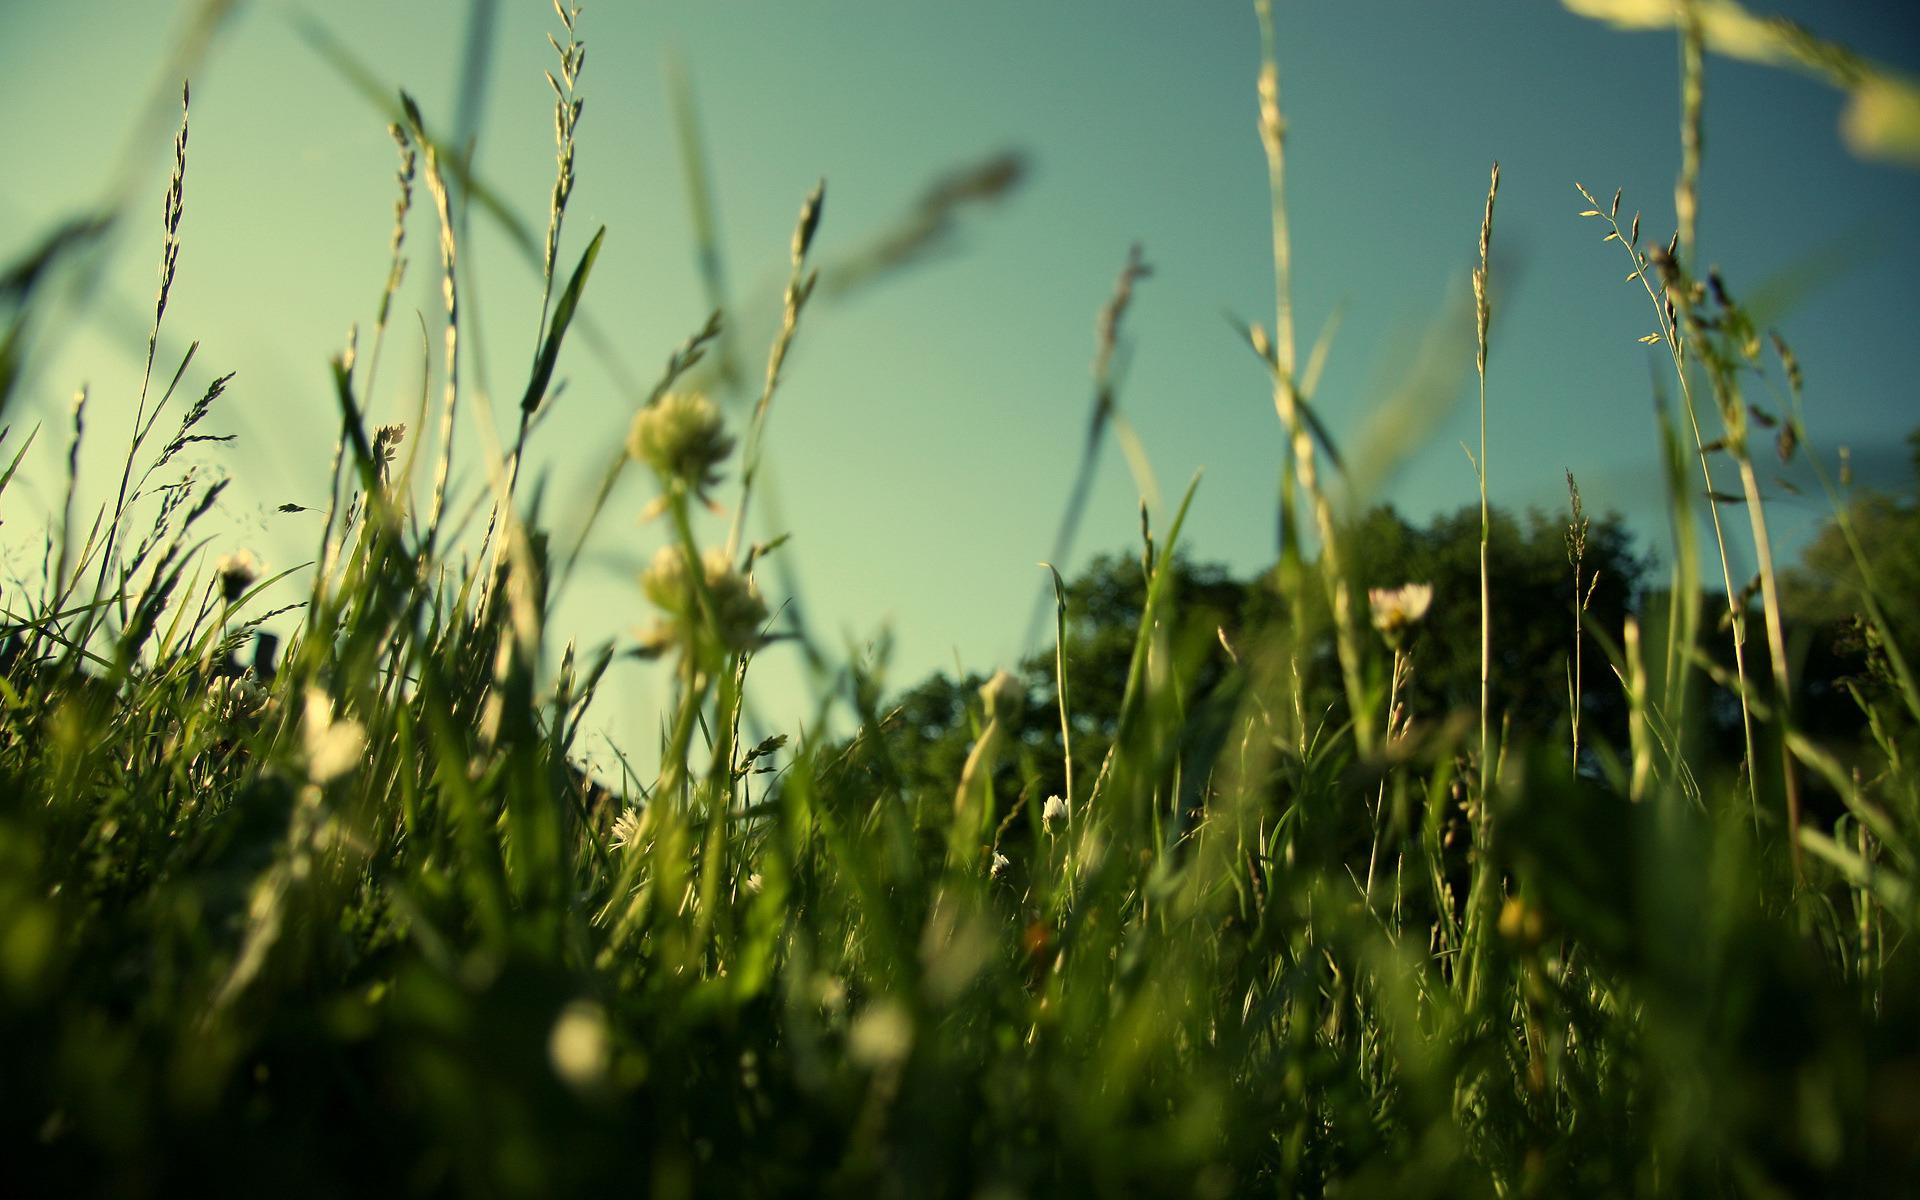 лужайка зелень трава фокус домик машинка бесплатно